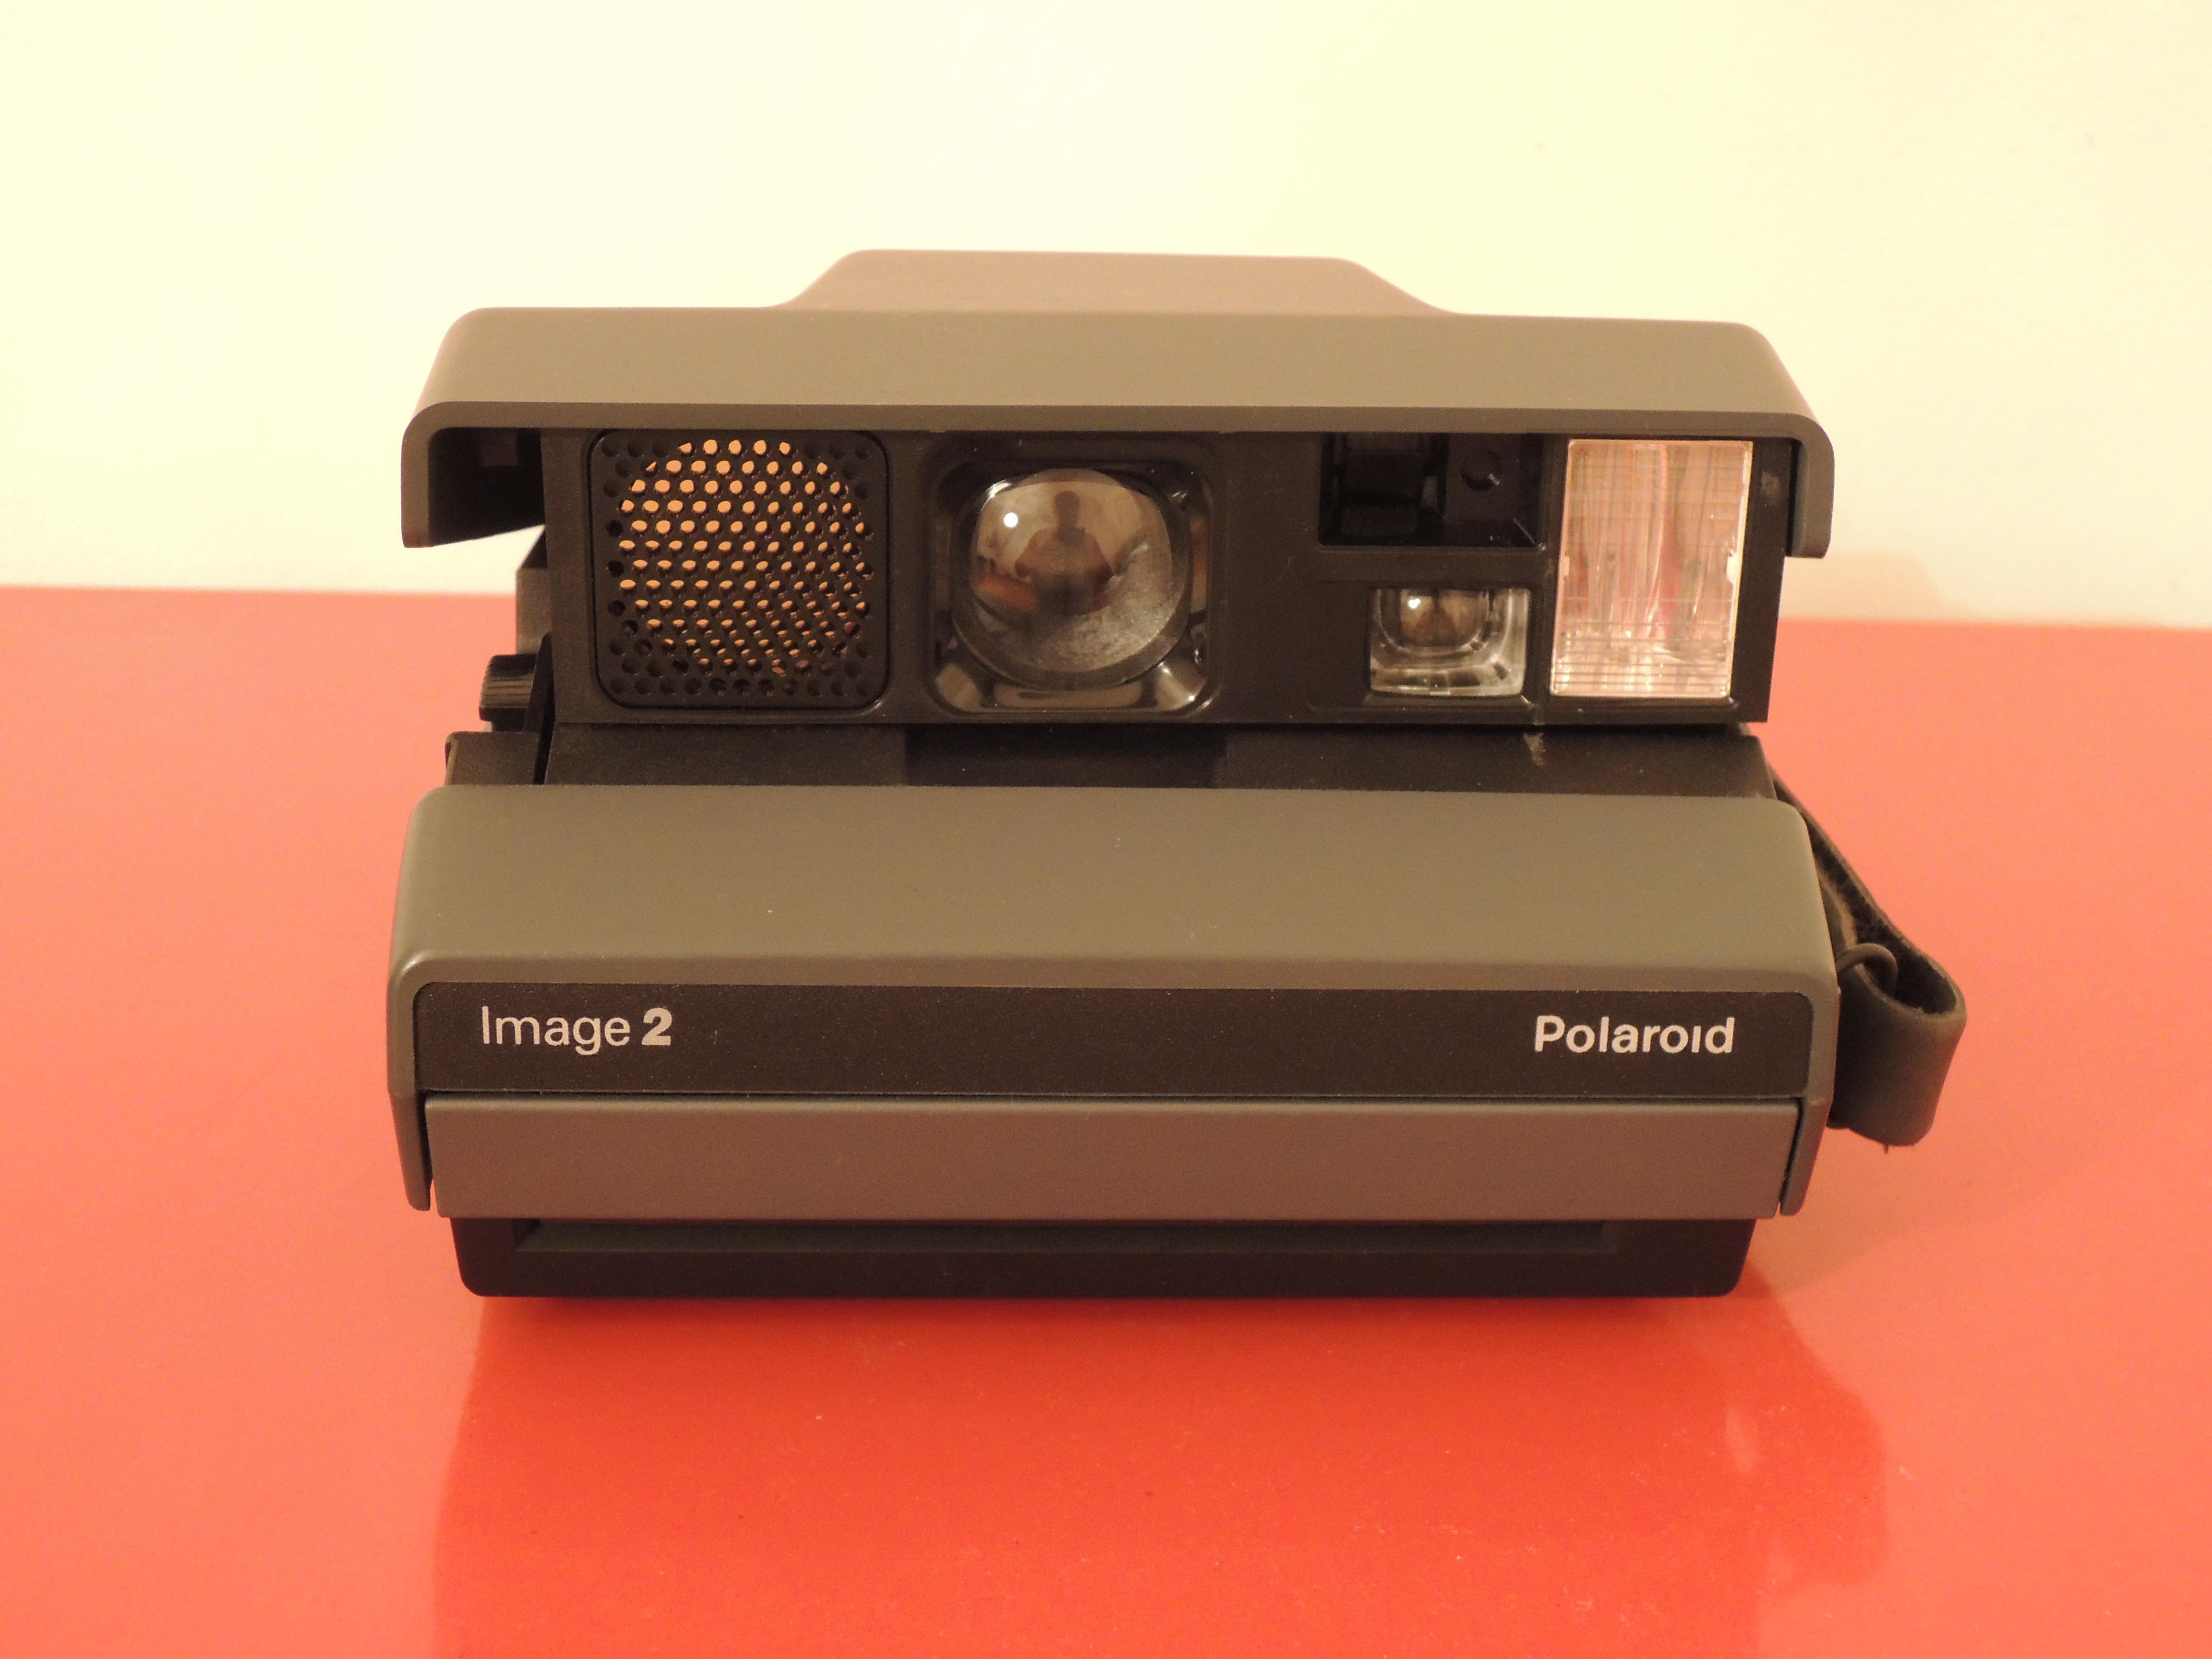 Ultraschall Entfernungsmesser Wiki : Die polaroid image 2 spectra u2013 all my cameras